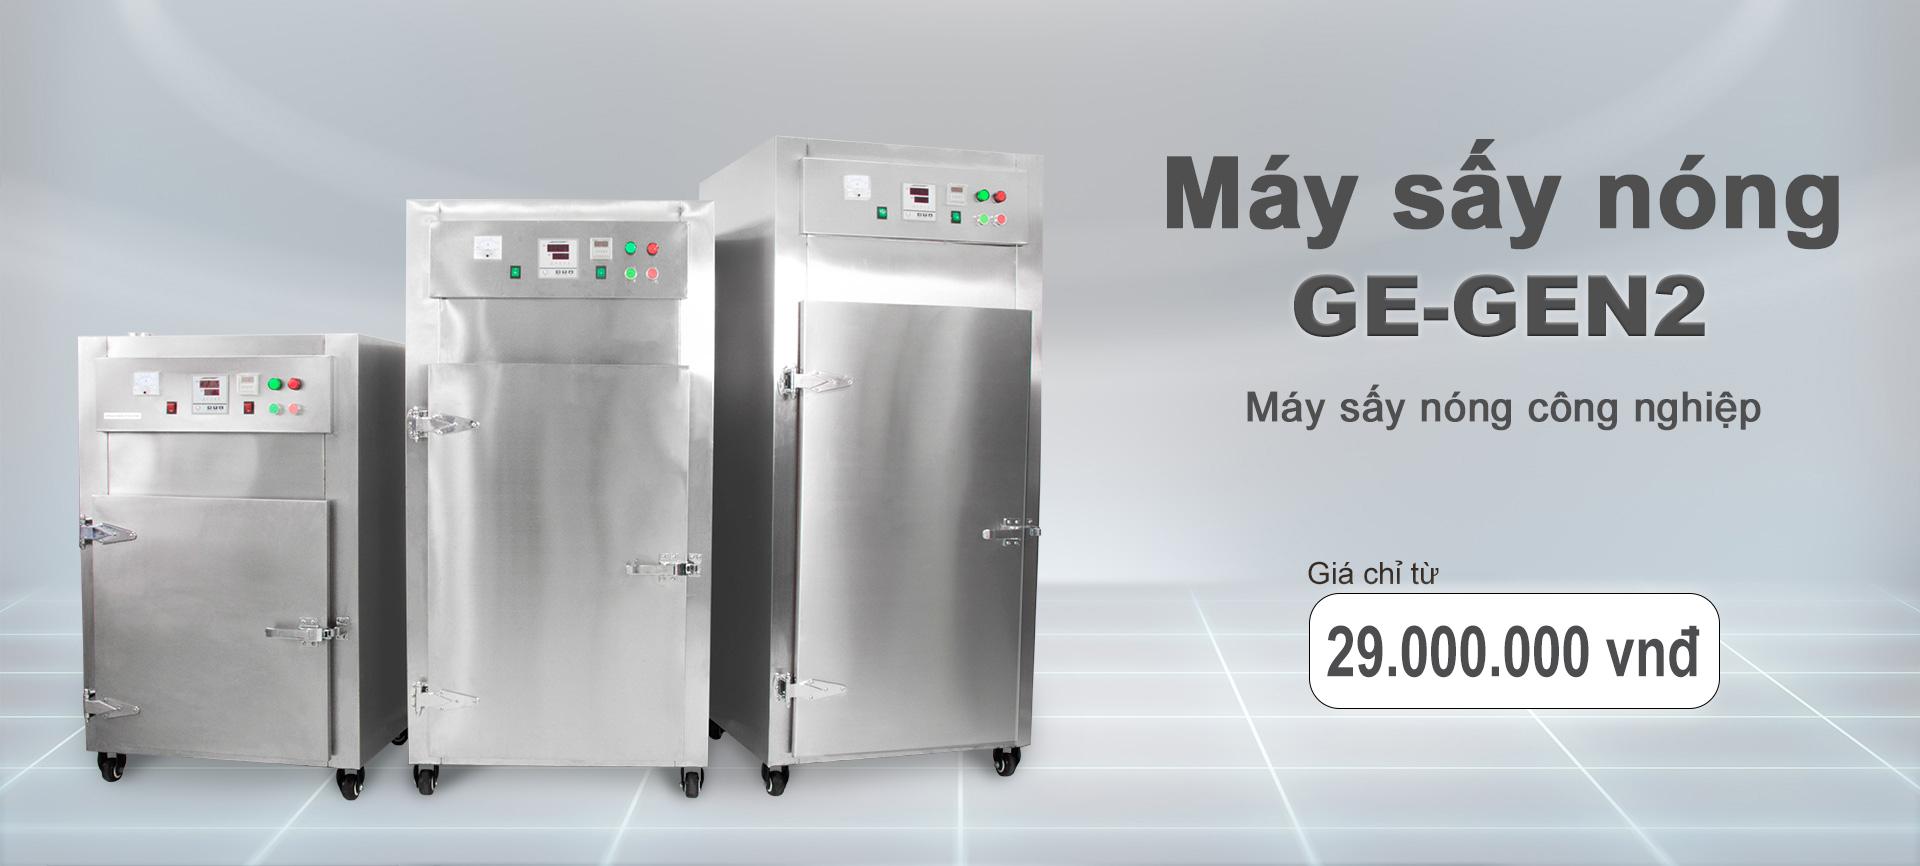 Máy sấy khí nóng công nghiệp GE